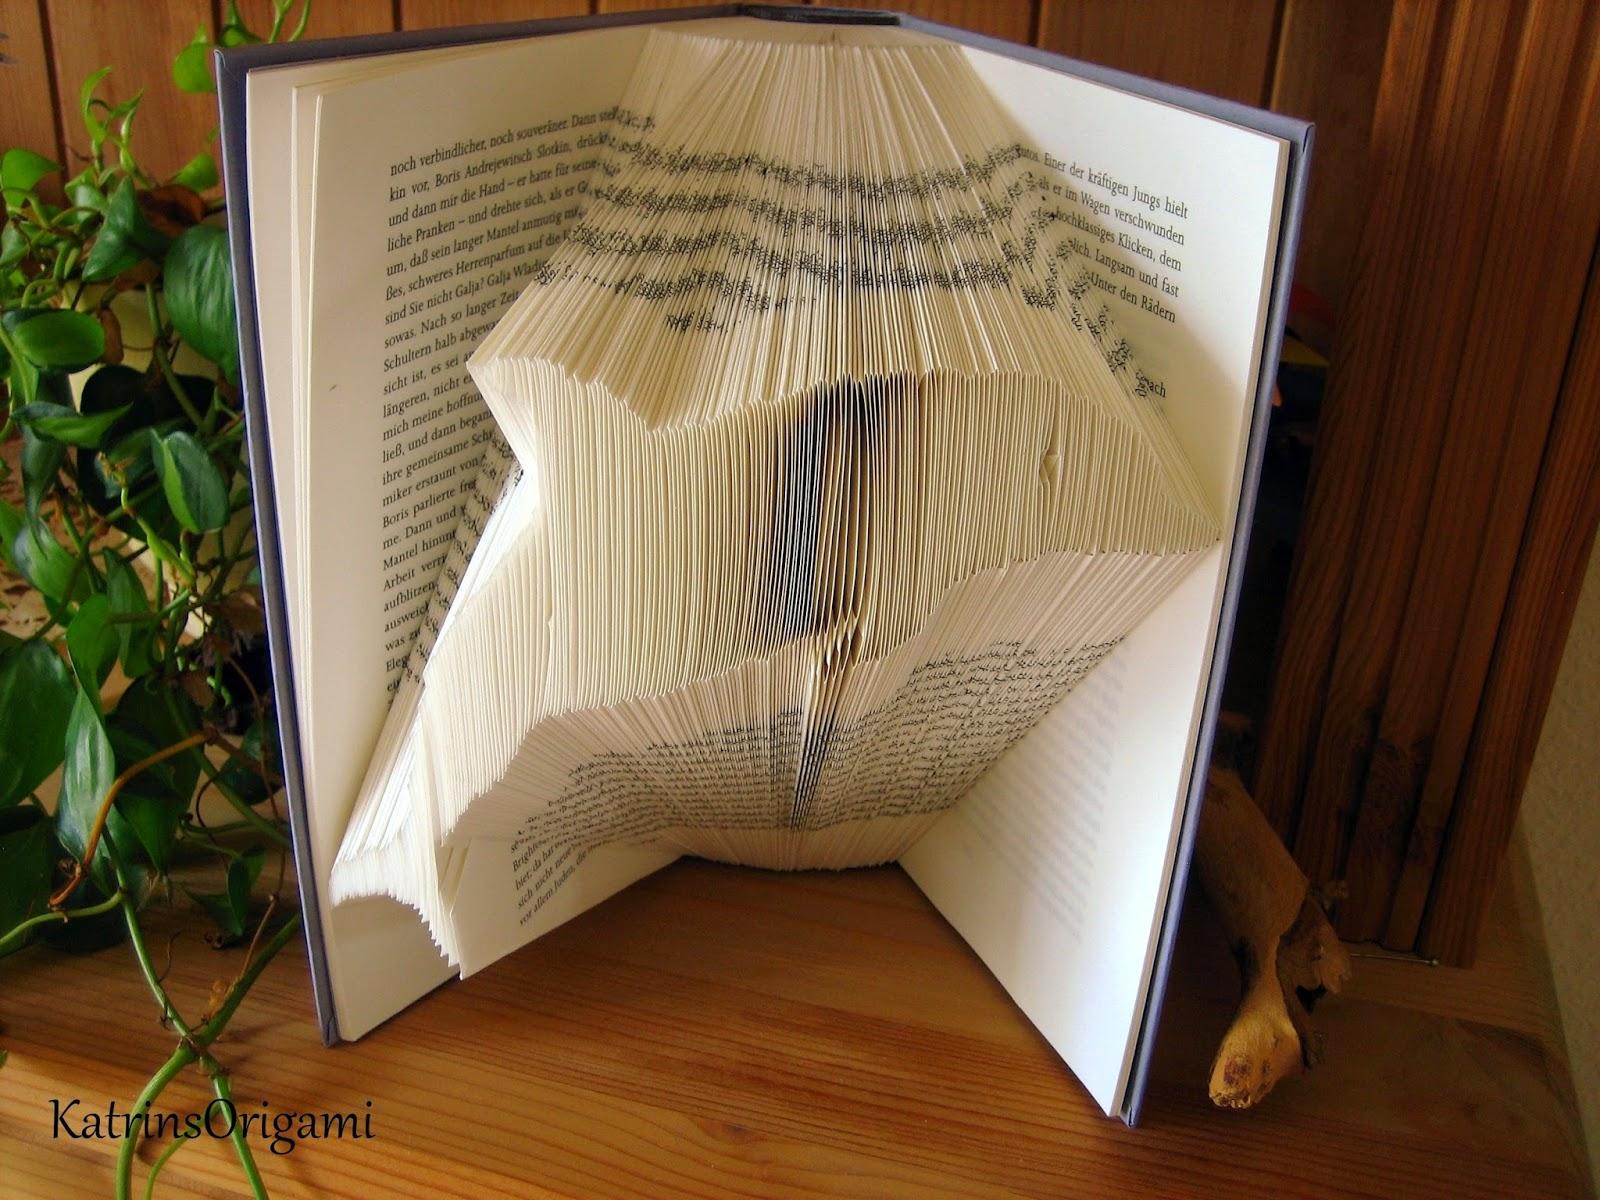 Bekannte Origami die Kunst des Papierfaltens: Book Art DI21